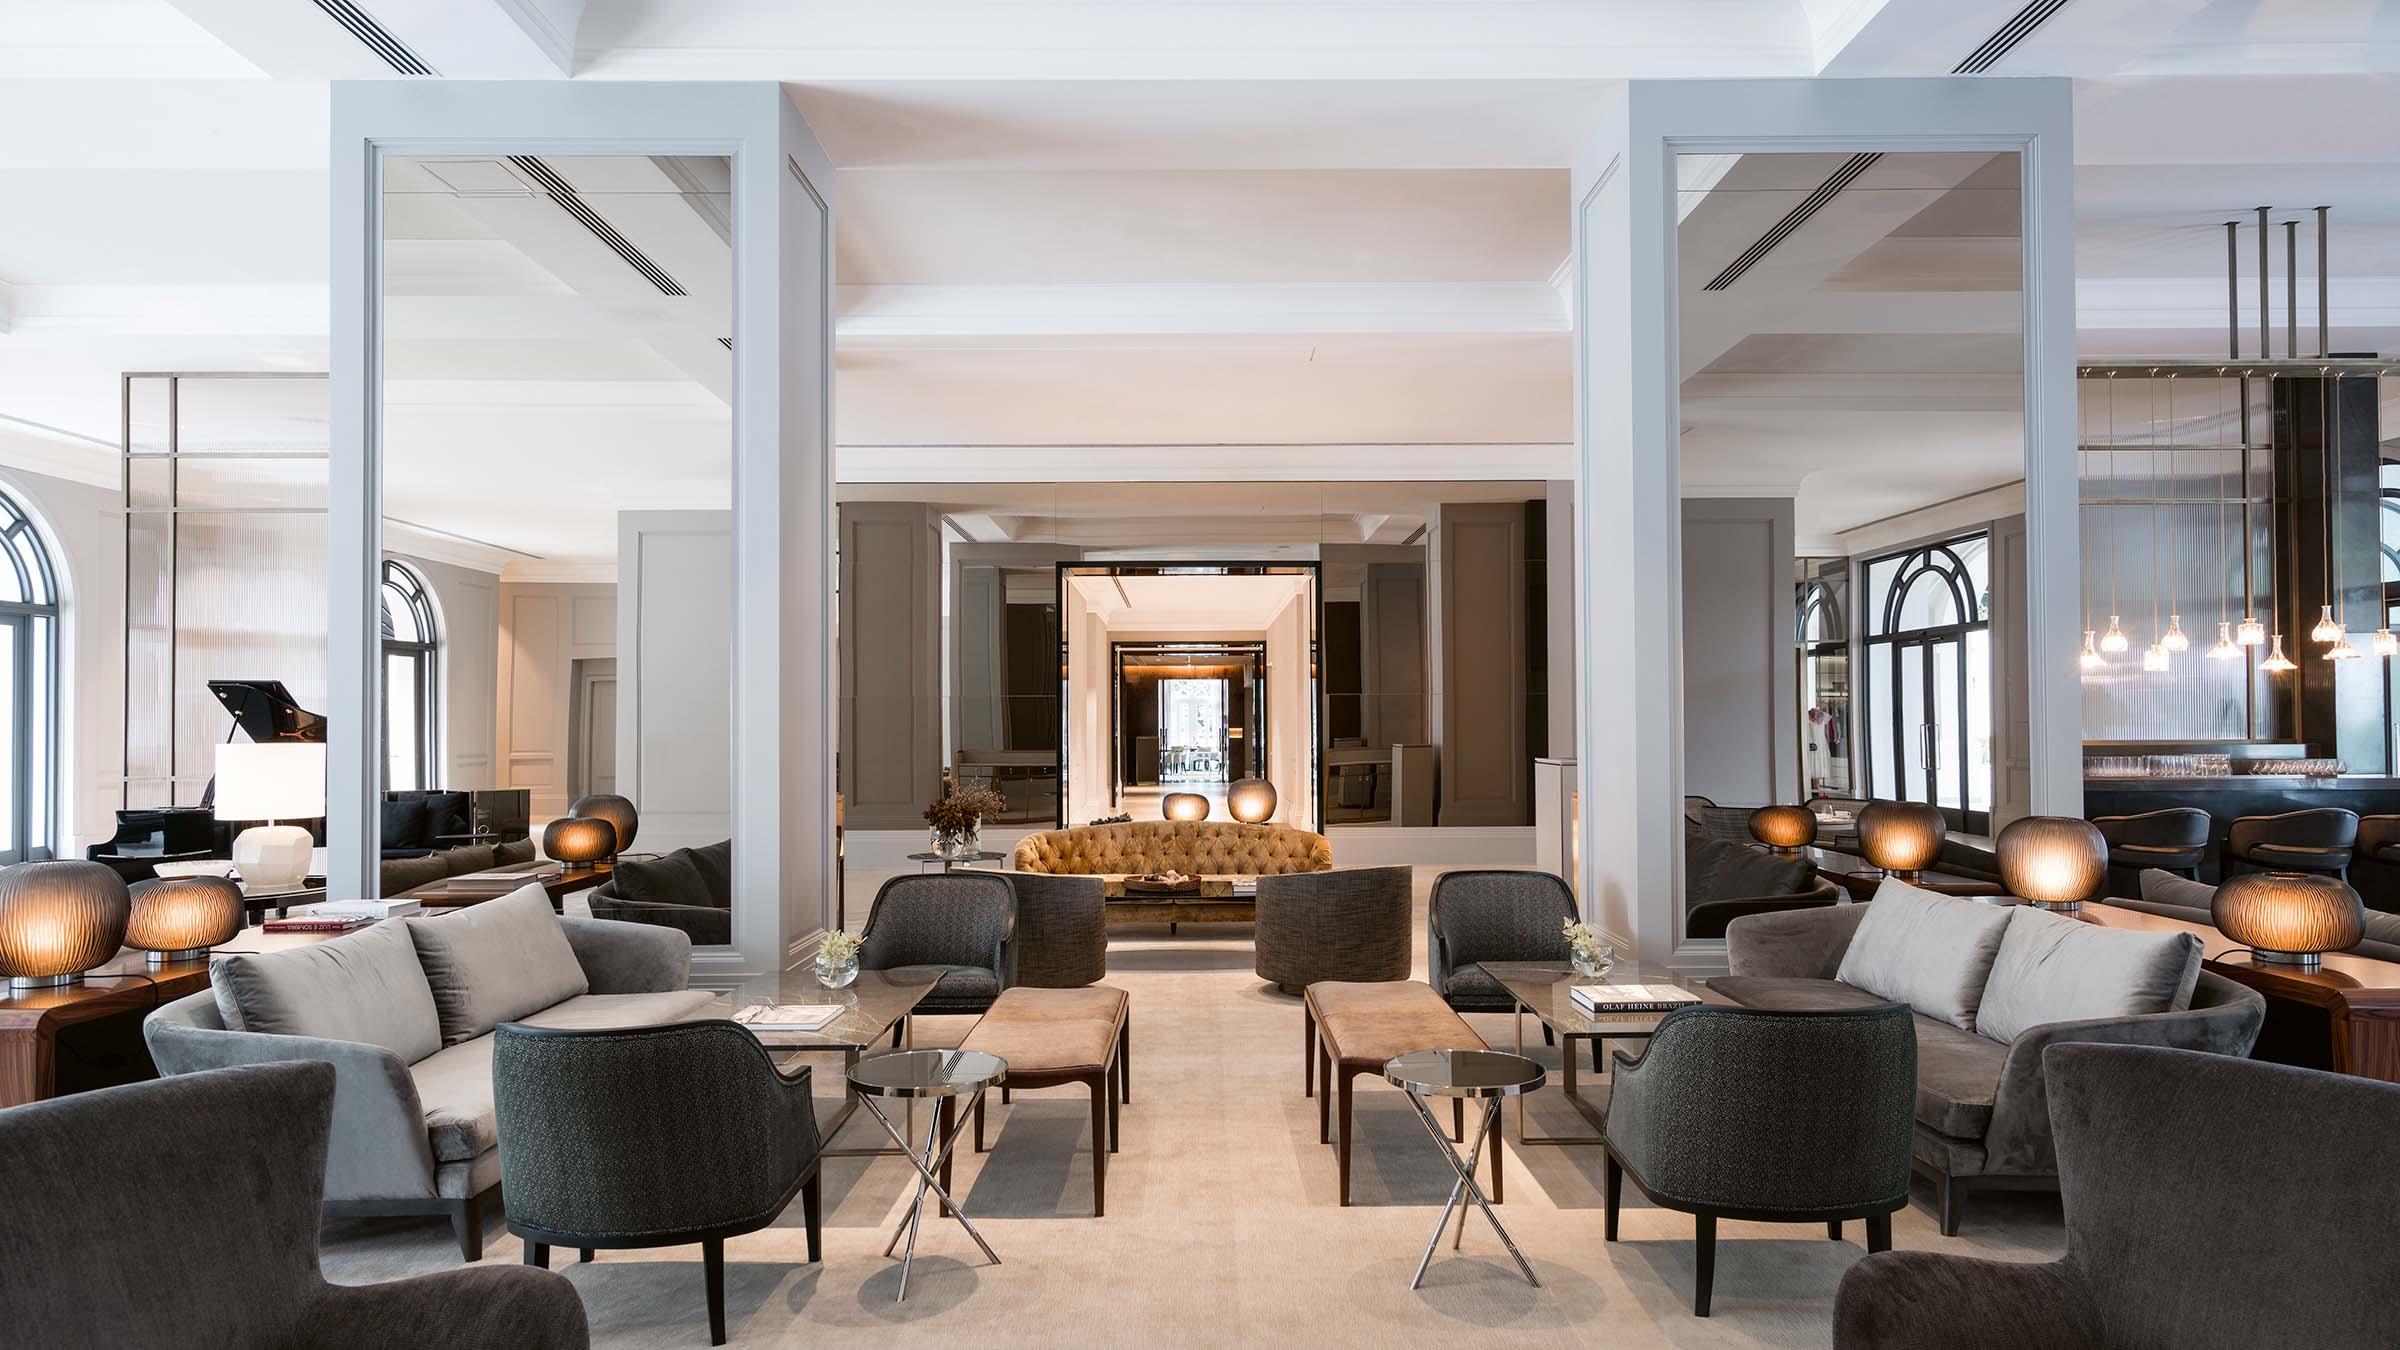 Palacio Tangara Palácio_Tangará_-_Parque_Lounge___Terrace_7133